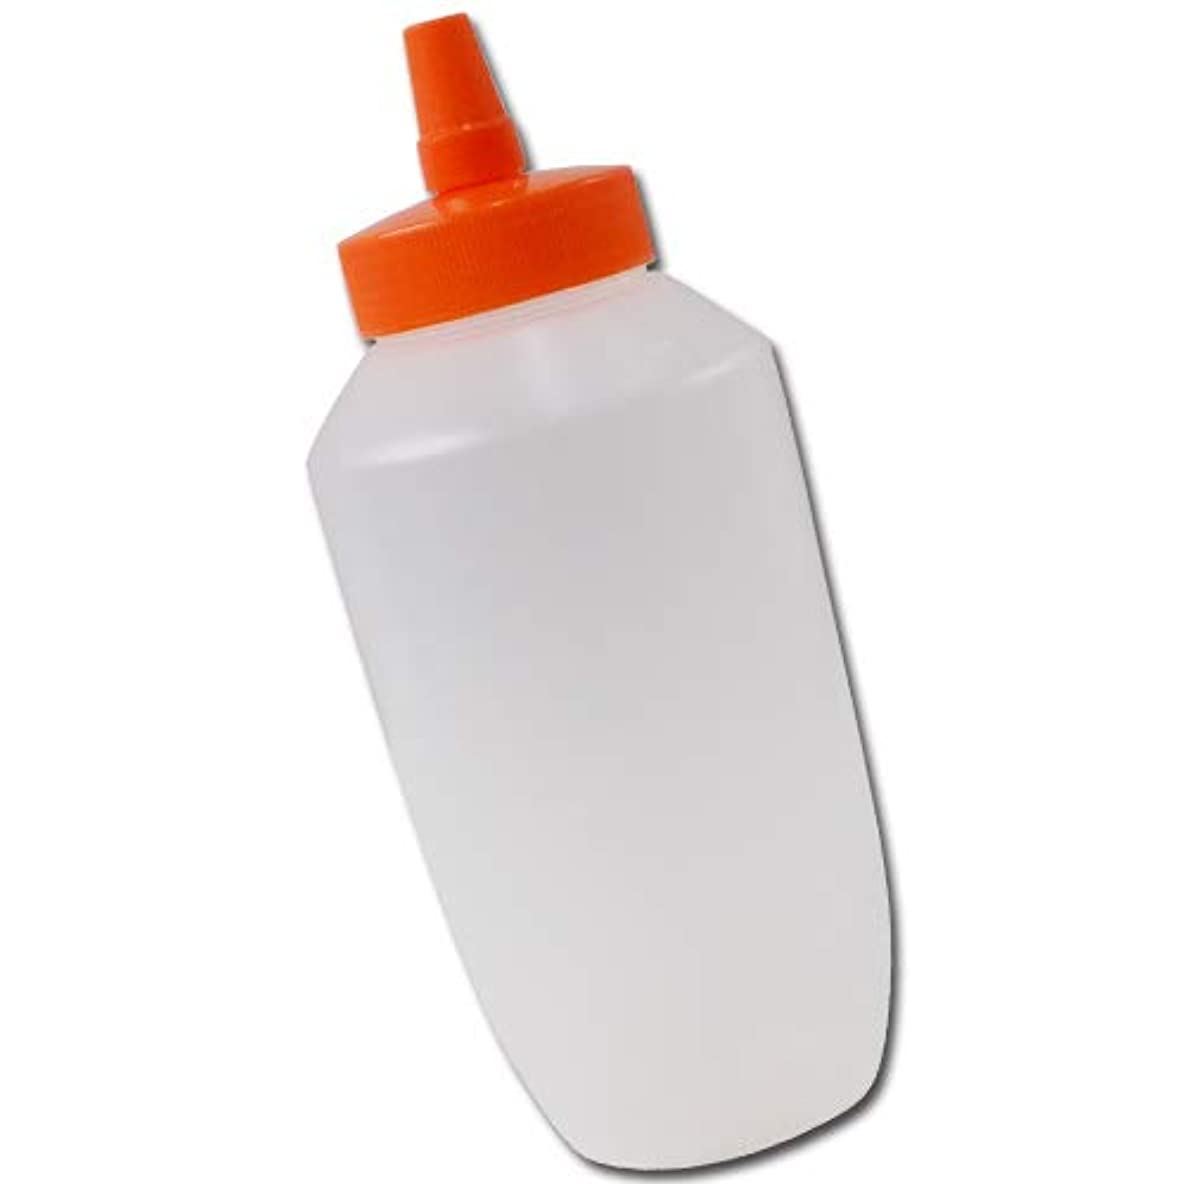 支払うサバントマティスはちみつ容器740mll(オレンジキャップ)│業務用ローションや調味料の小分けに詰め替え用ハチミツ容器(蜂蜜容器)はちみつボトルビッグな特大サイズ